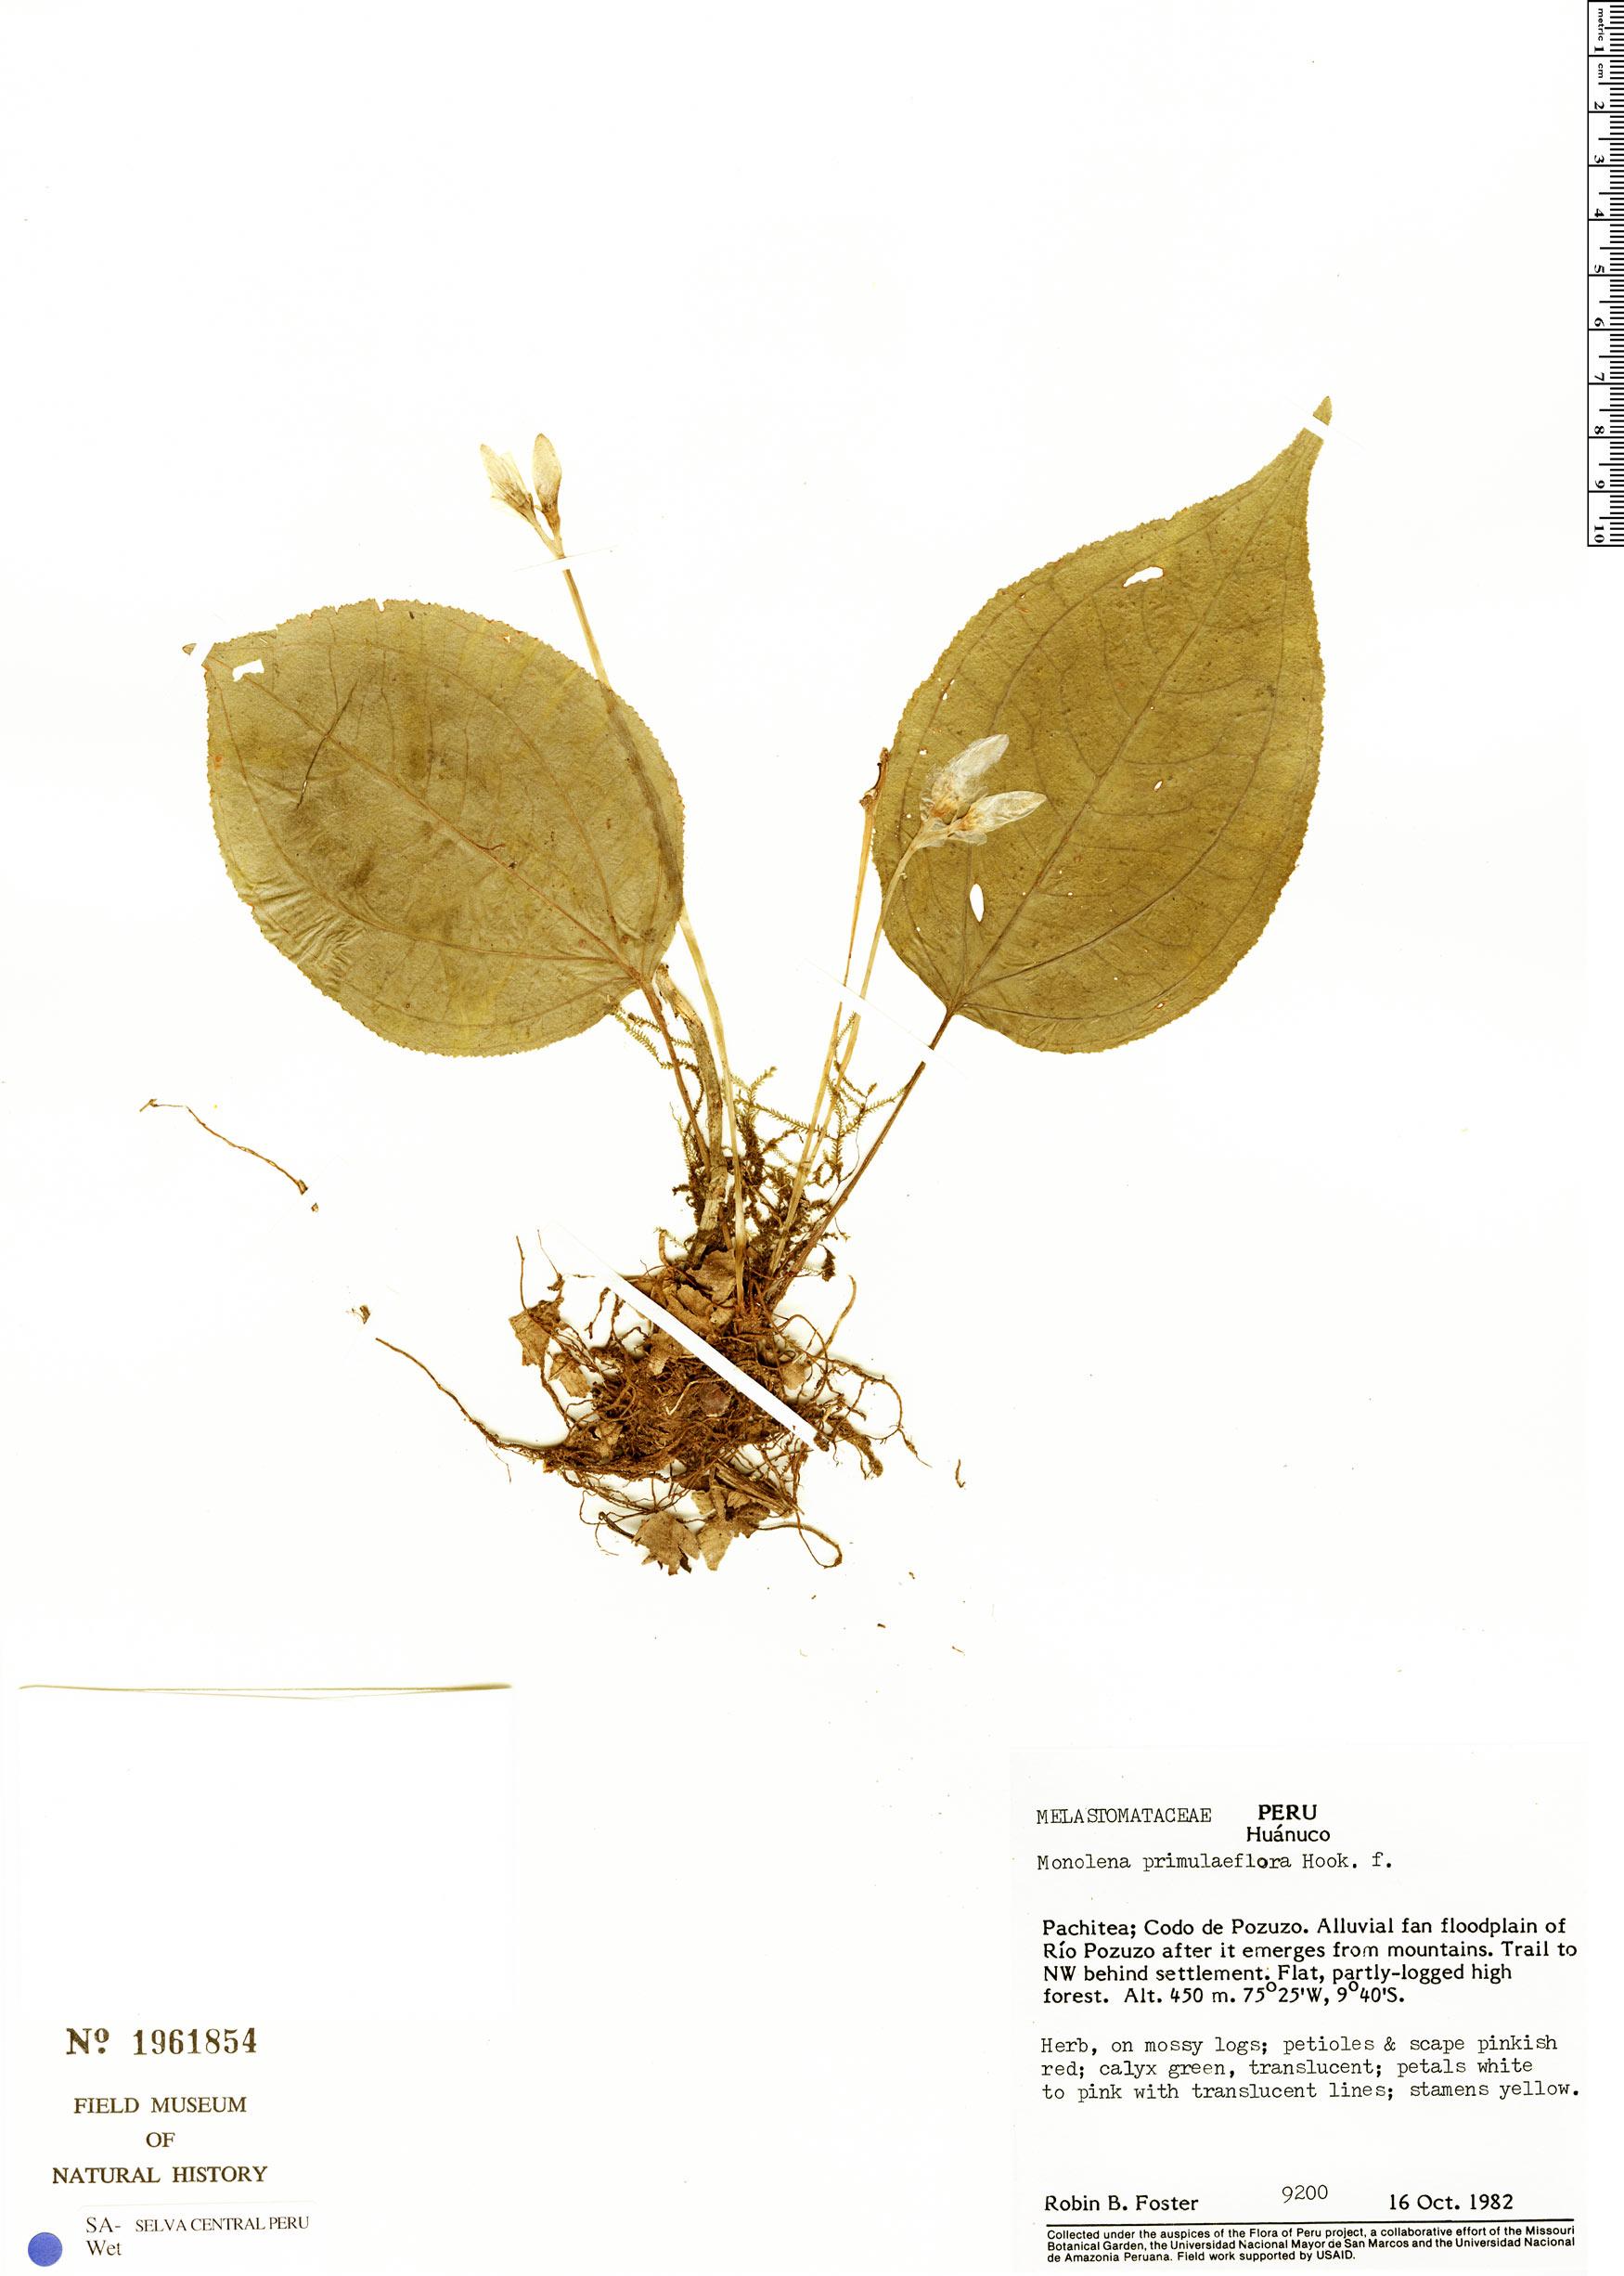 Specimen: Monolena primuliflora